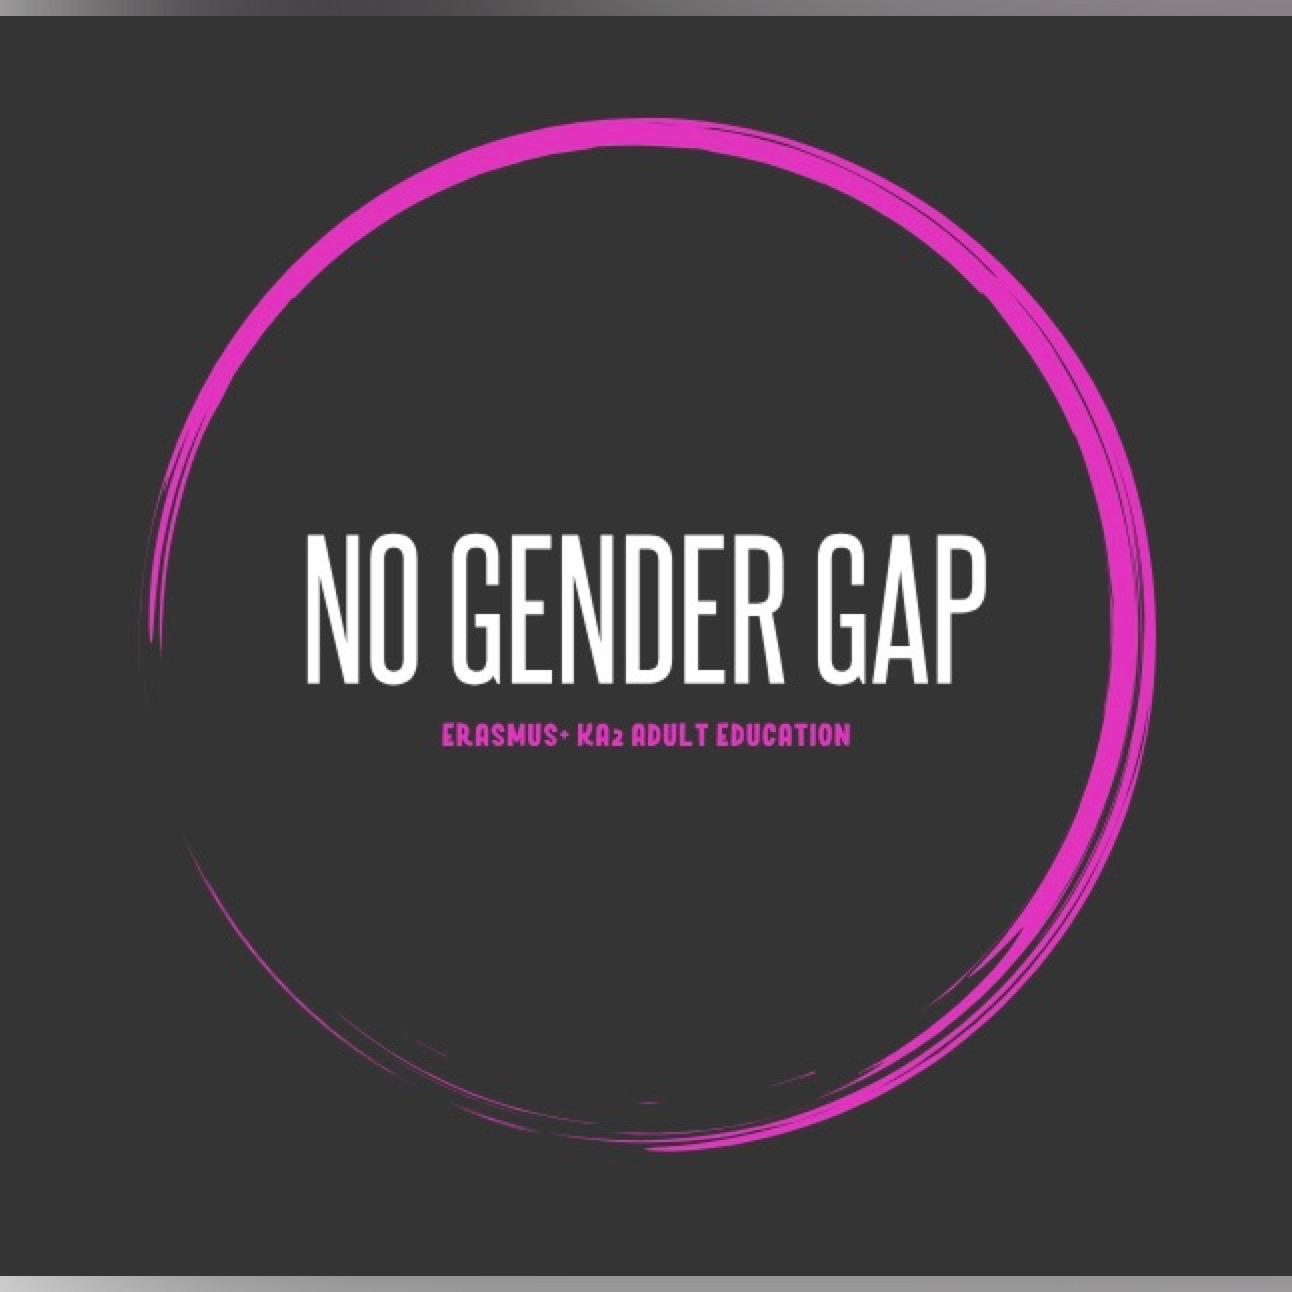 No Gender Gap: un progetto e una campagna dedicati ad aumentare l'interesse - e il numero - di bambine, ragazze, donne nella tecnoscienza